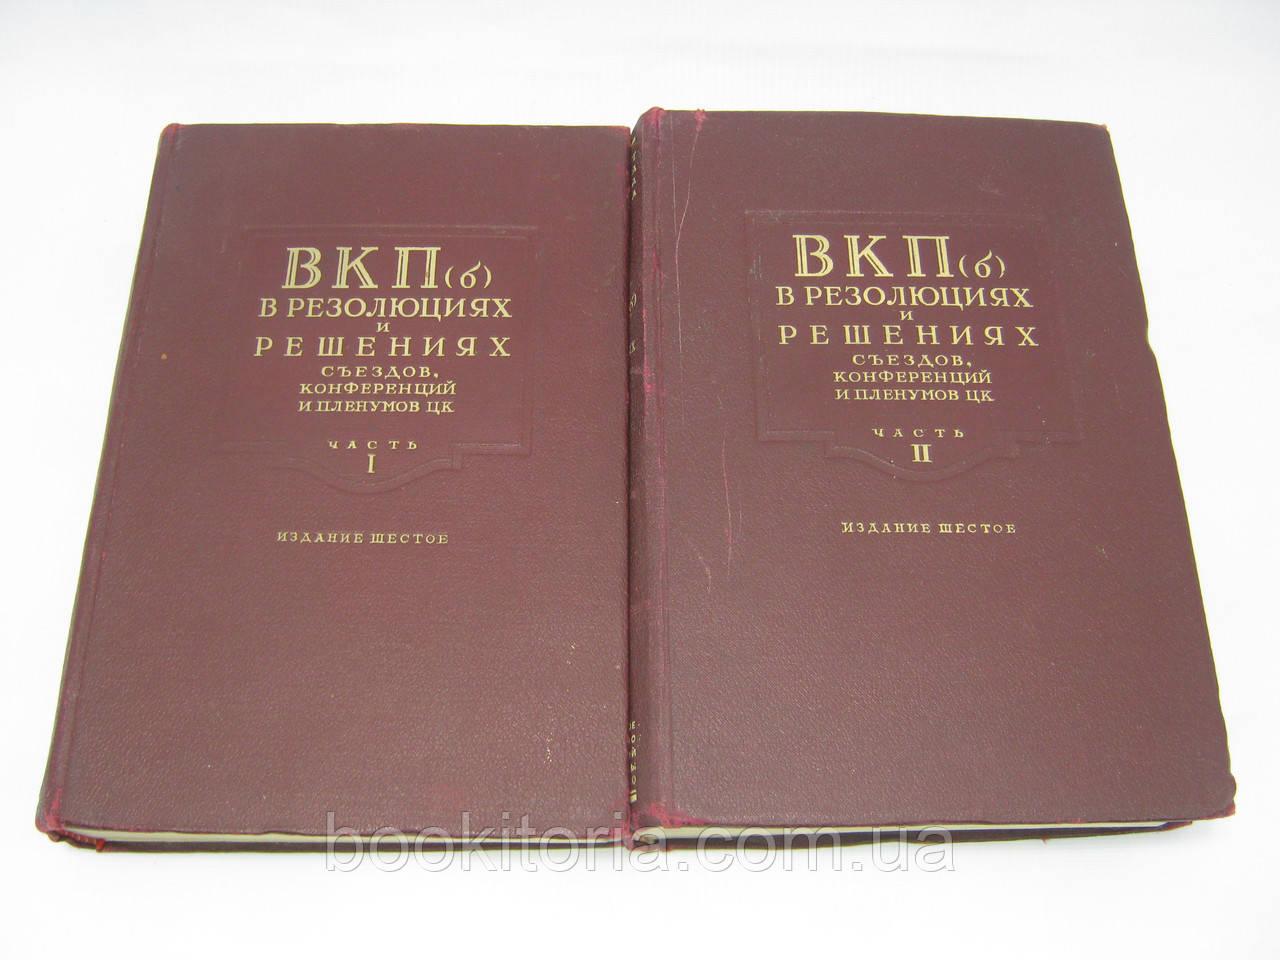 ВКП (б) в резолюциях и решениях съездов, конференций и пленумов ЦК. В двух частях (б/у).